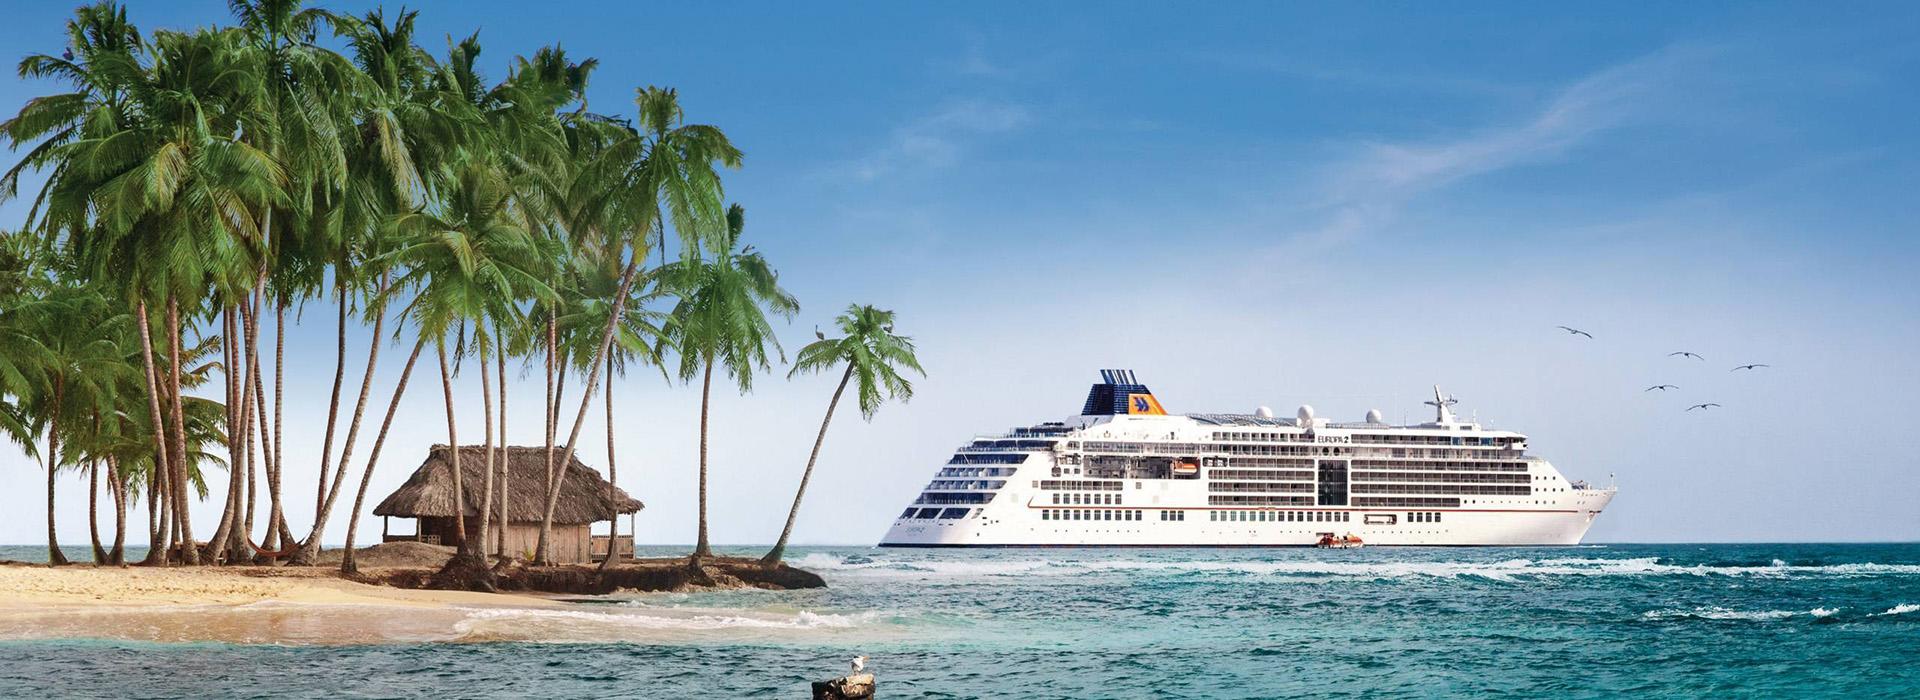 MS Europa 2 Luxuskreuzfahrt